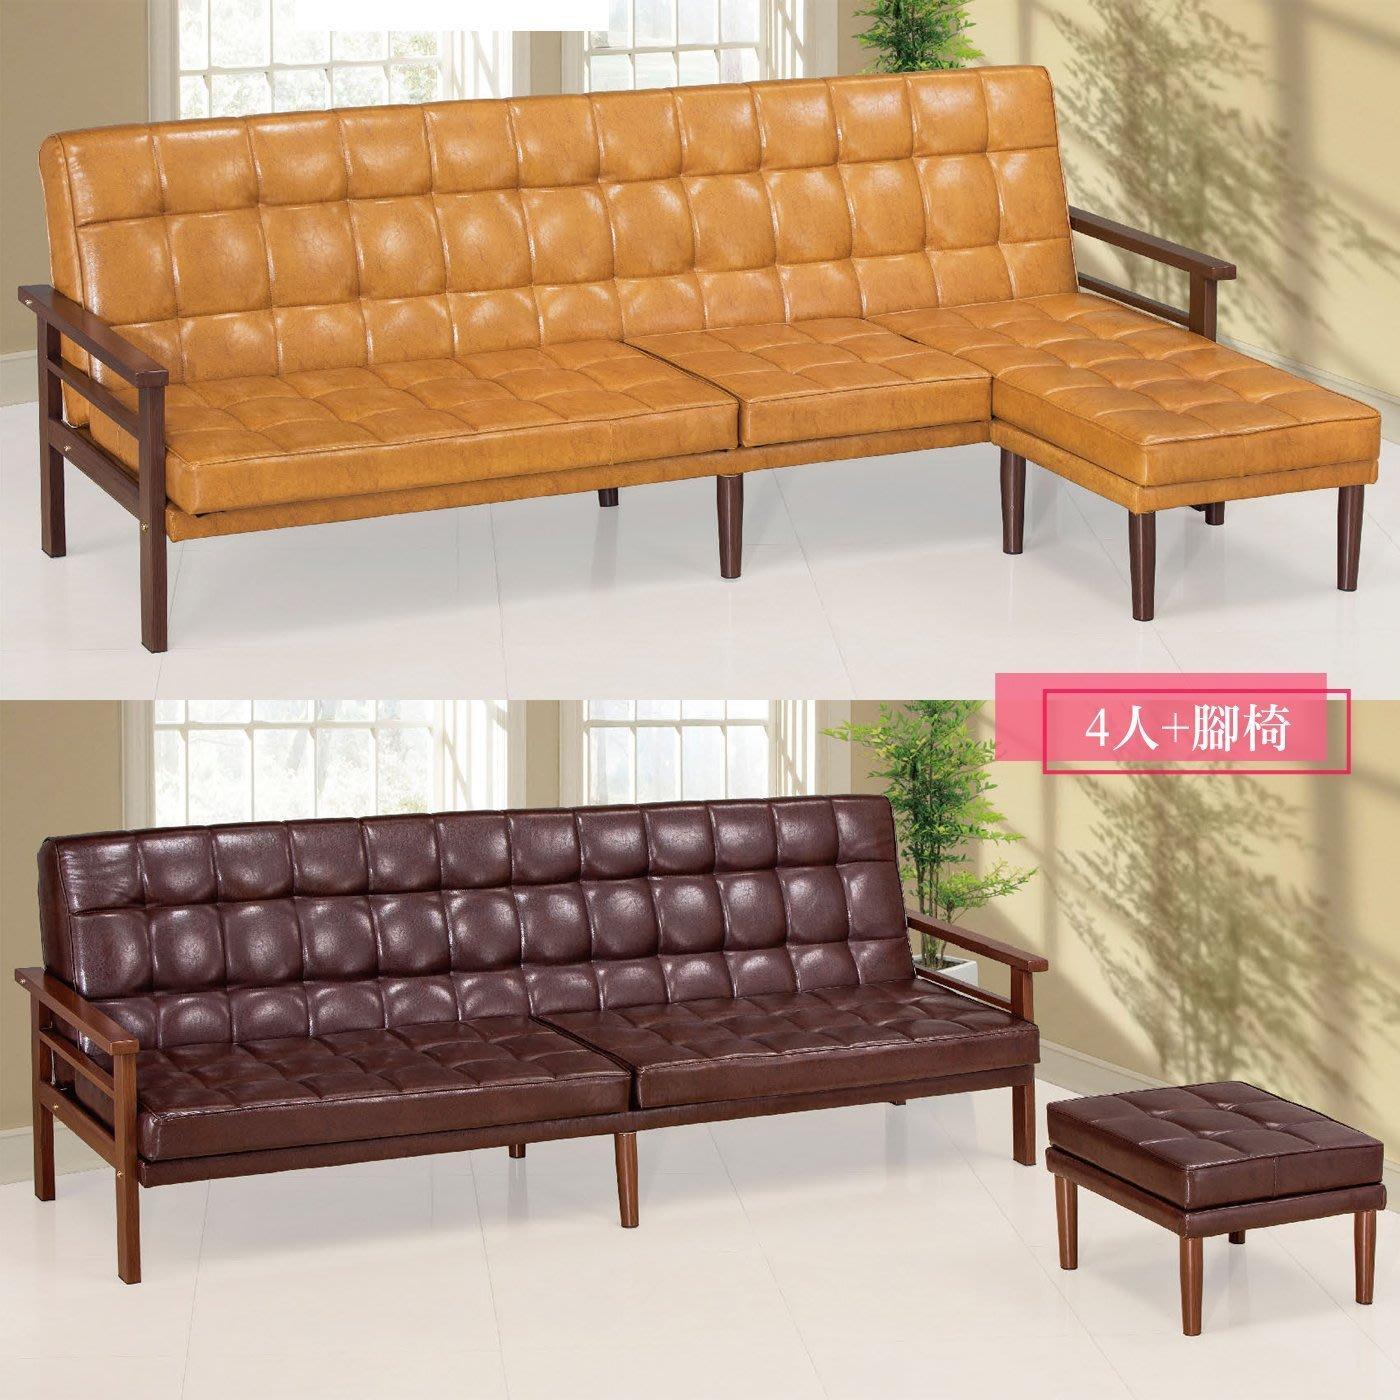 【優比傢俱生活館】19 便宜購-B02復古土黃/咖啡色乳膠皮大L型沙發椅/四人+腳椅 SH715-1